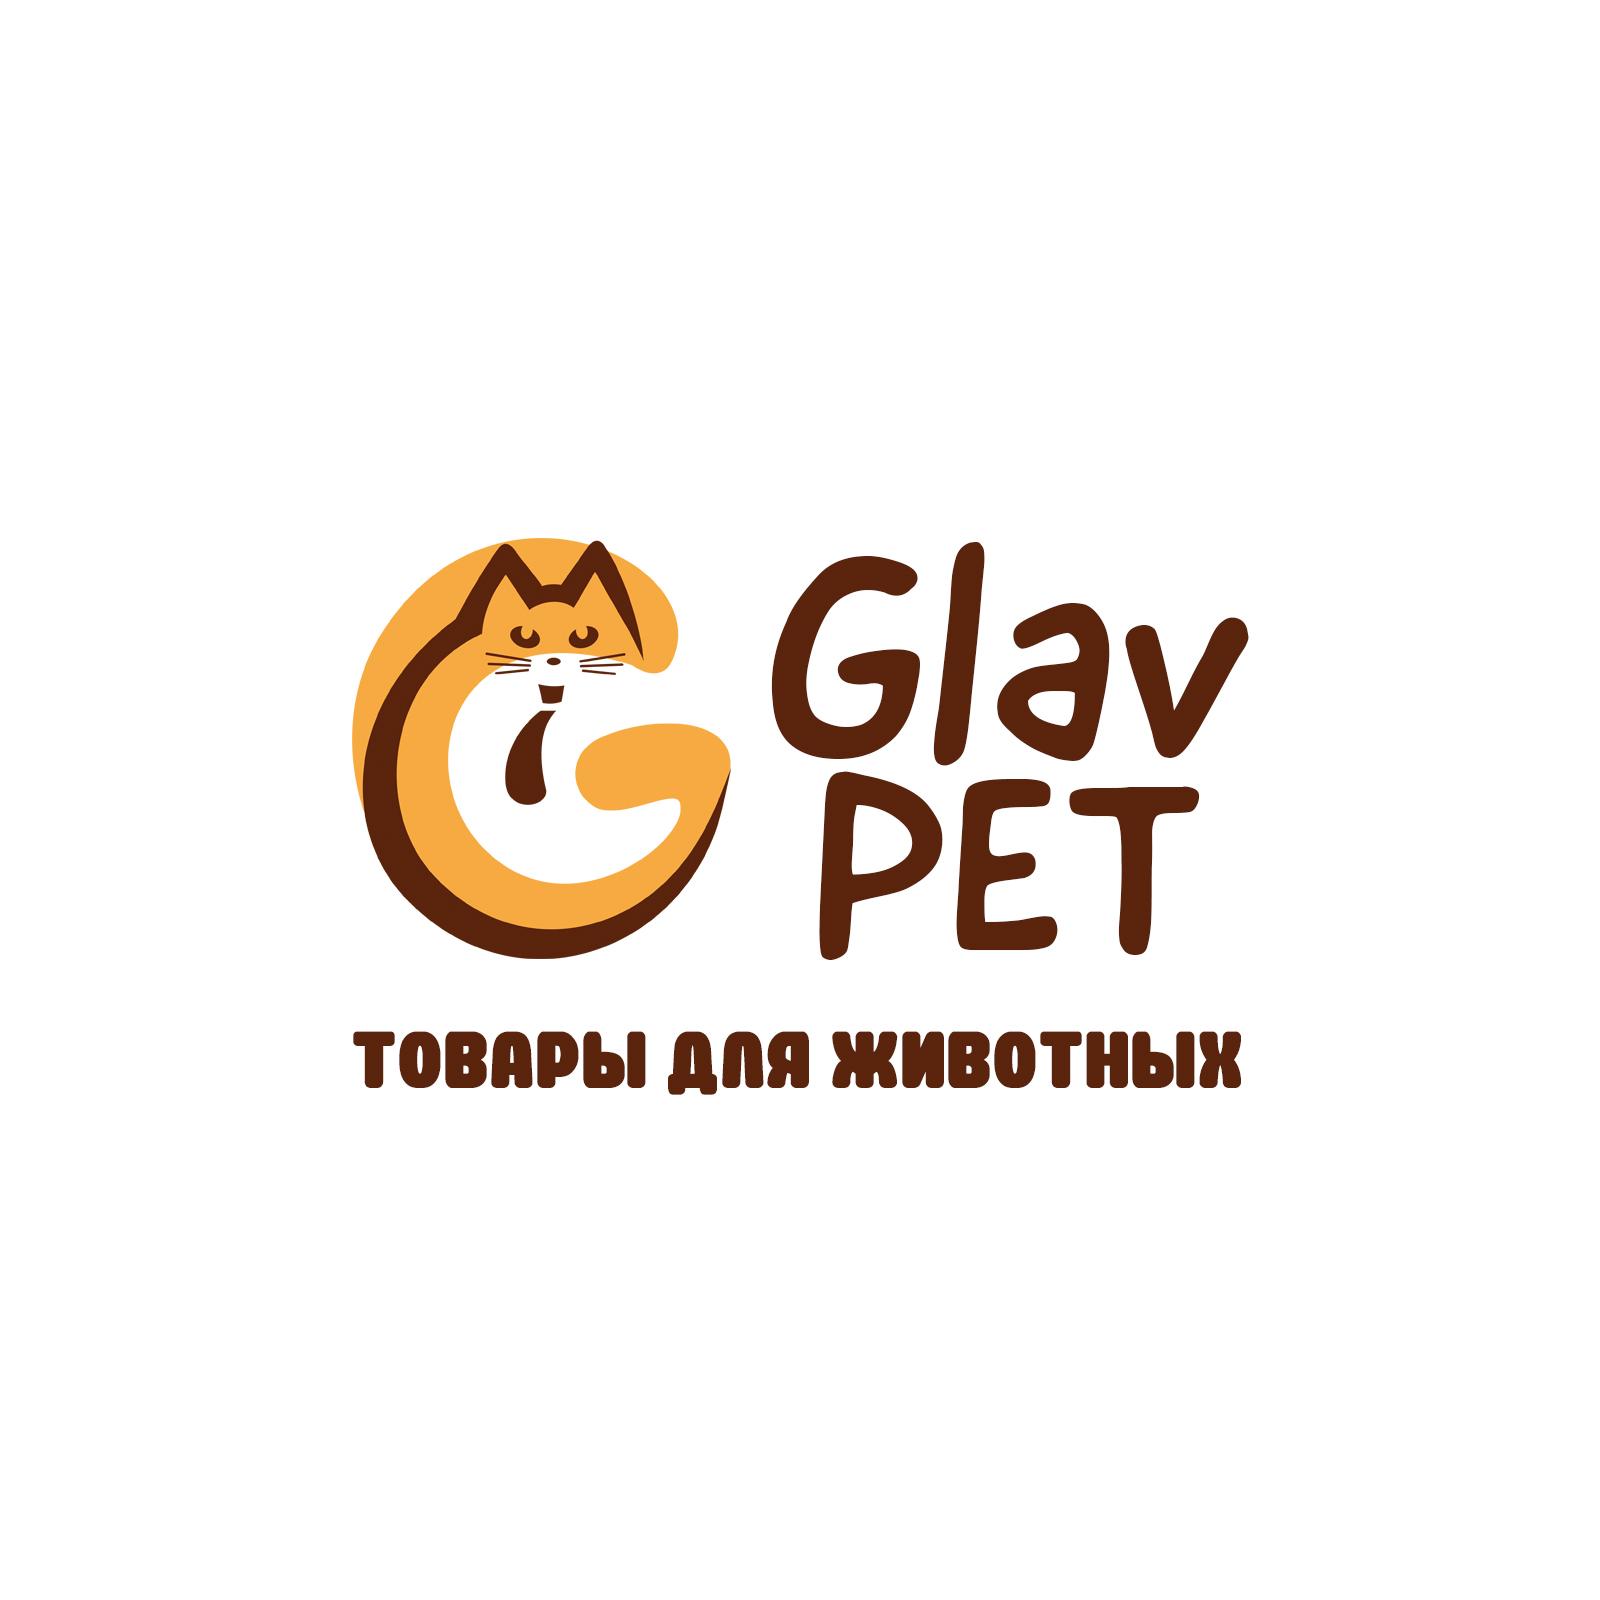 GlavPet-товары для животных